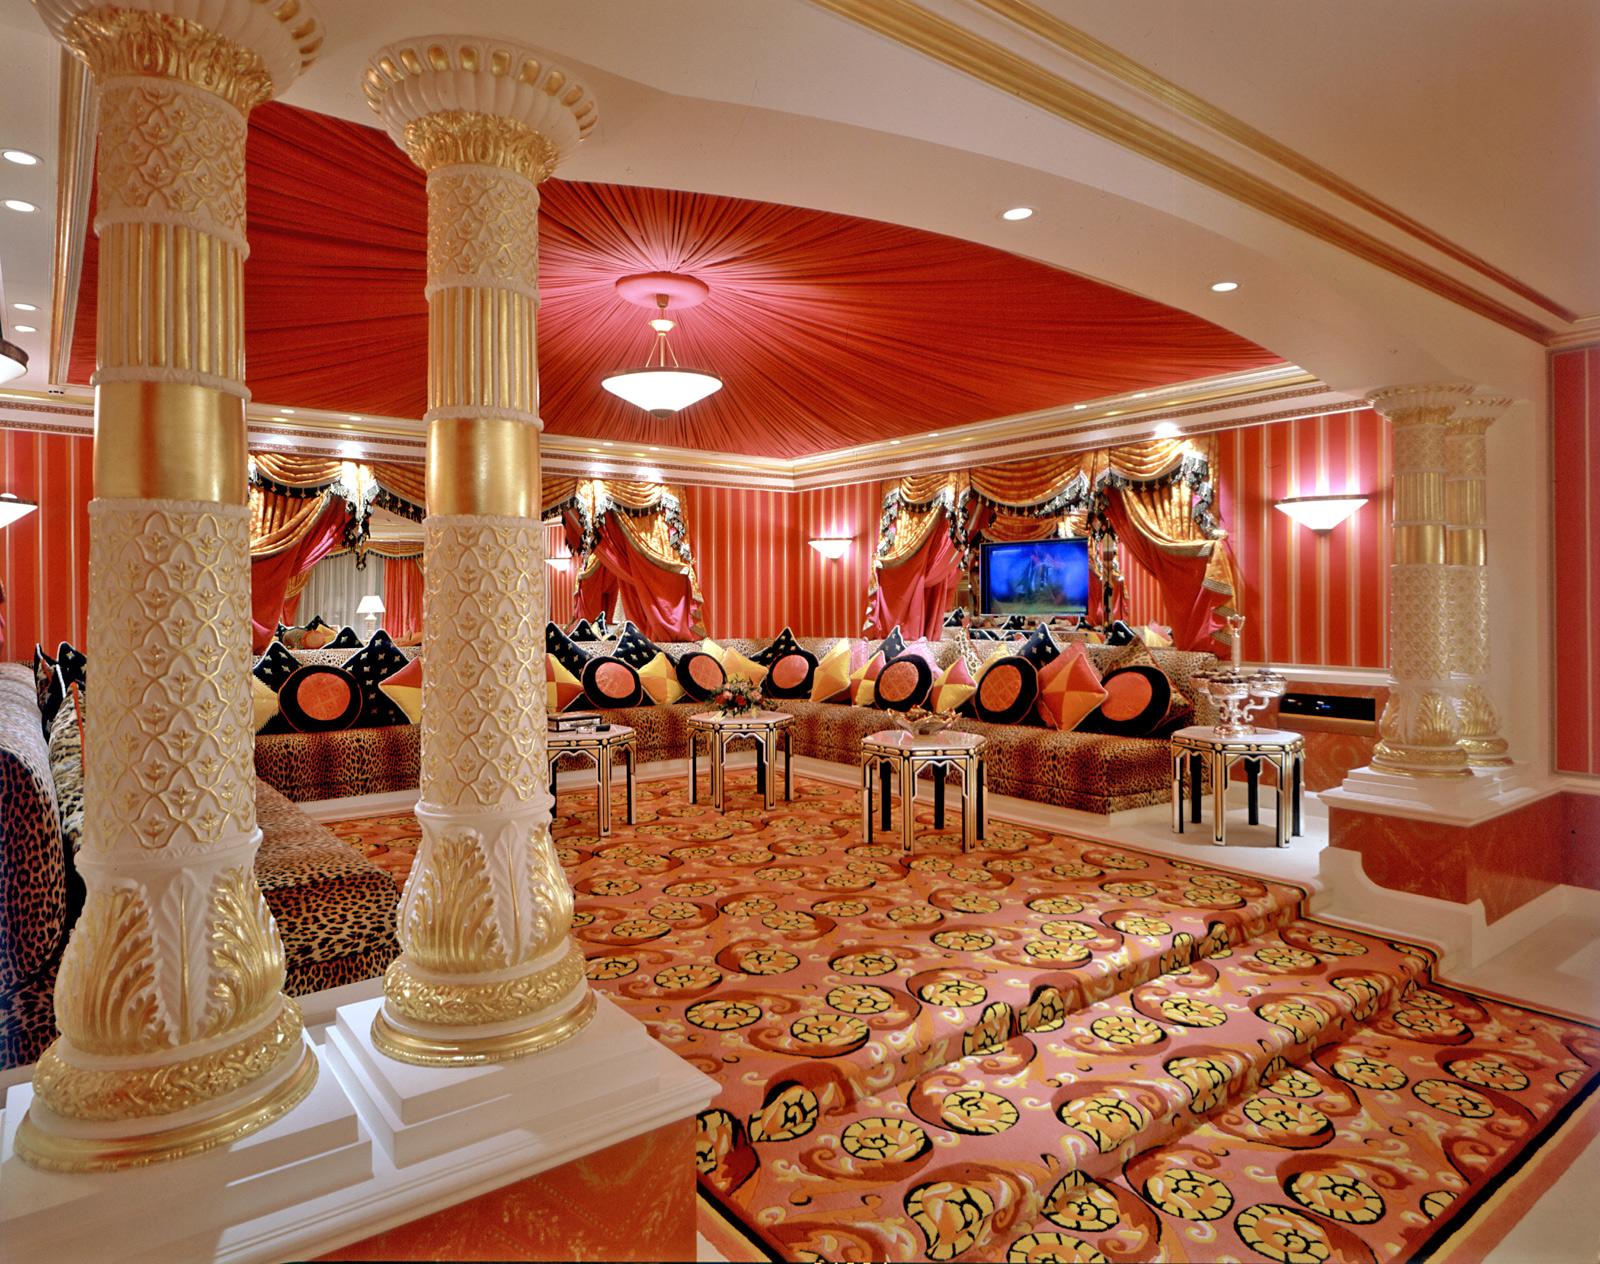 Большая комната с потолком с красной тканью